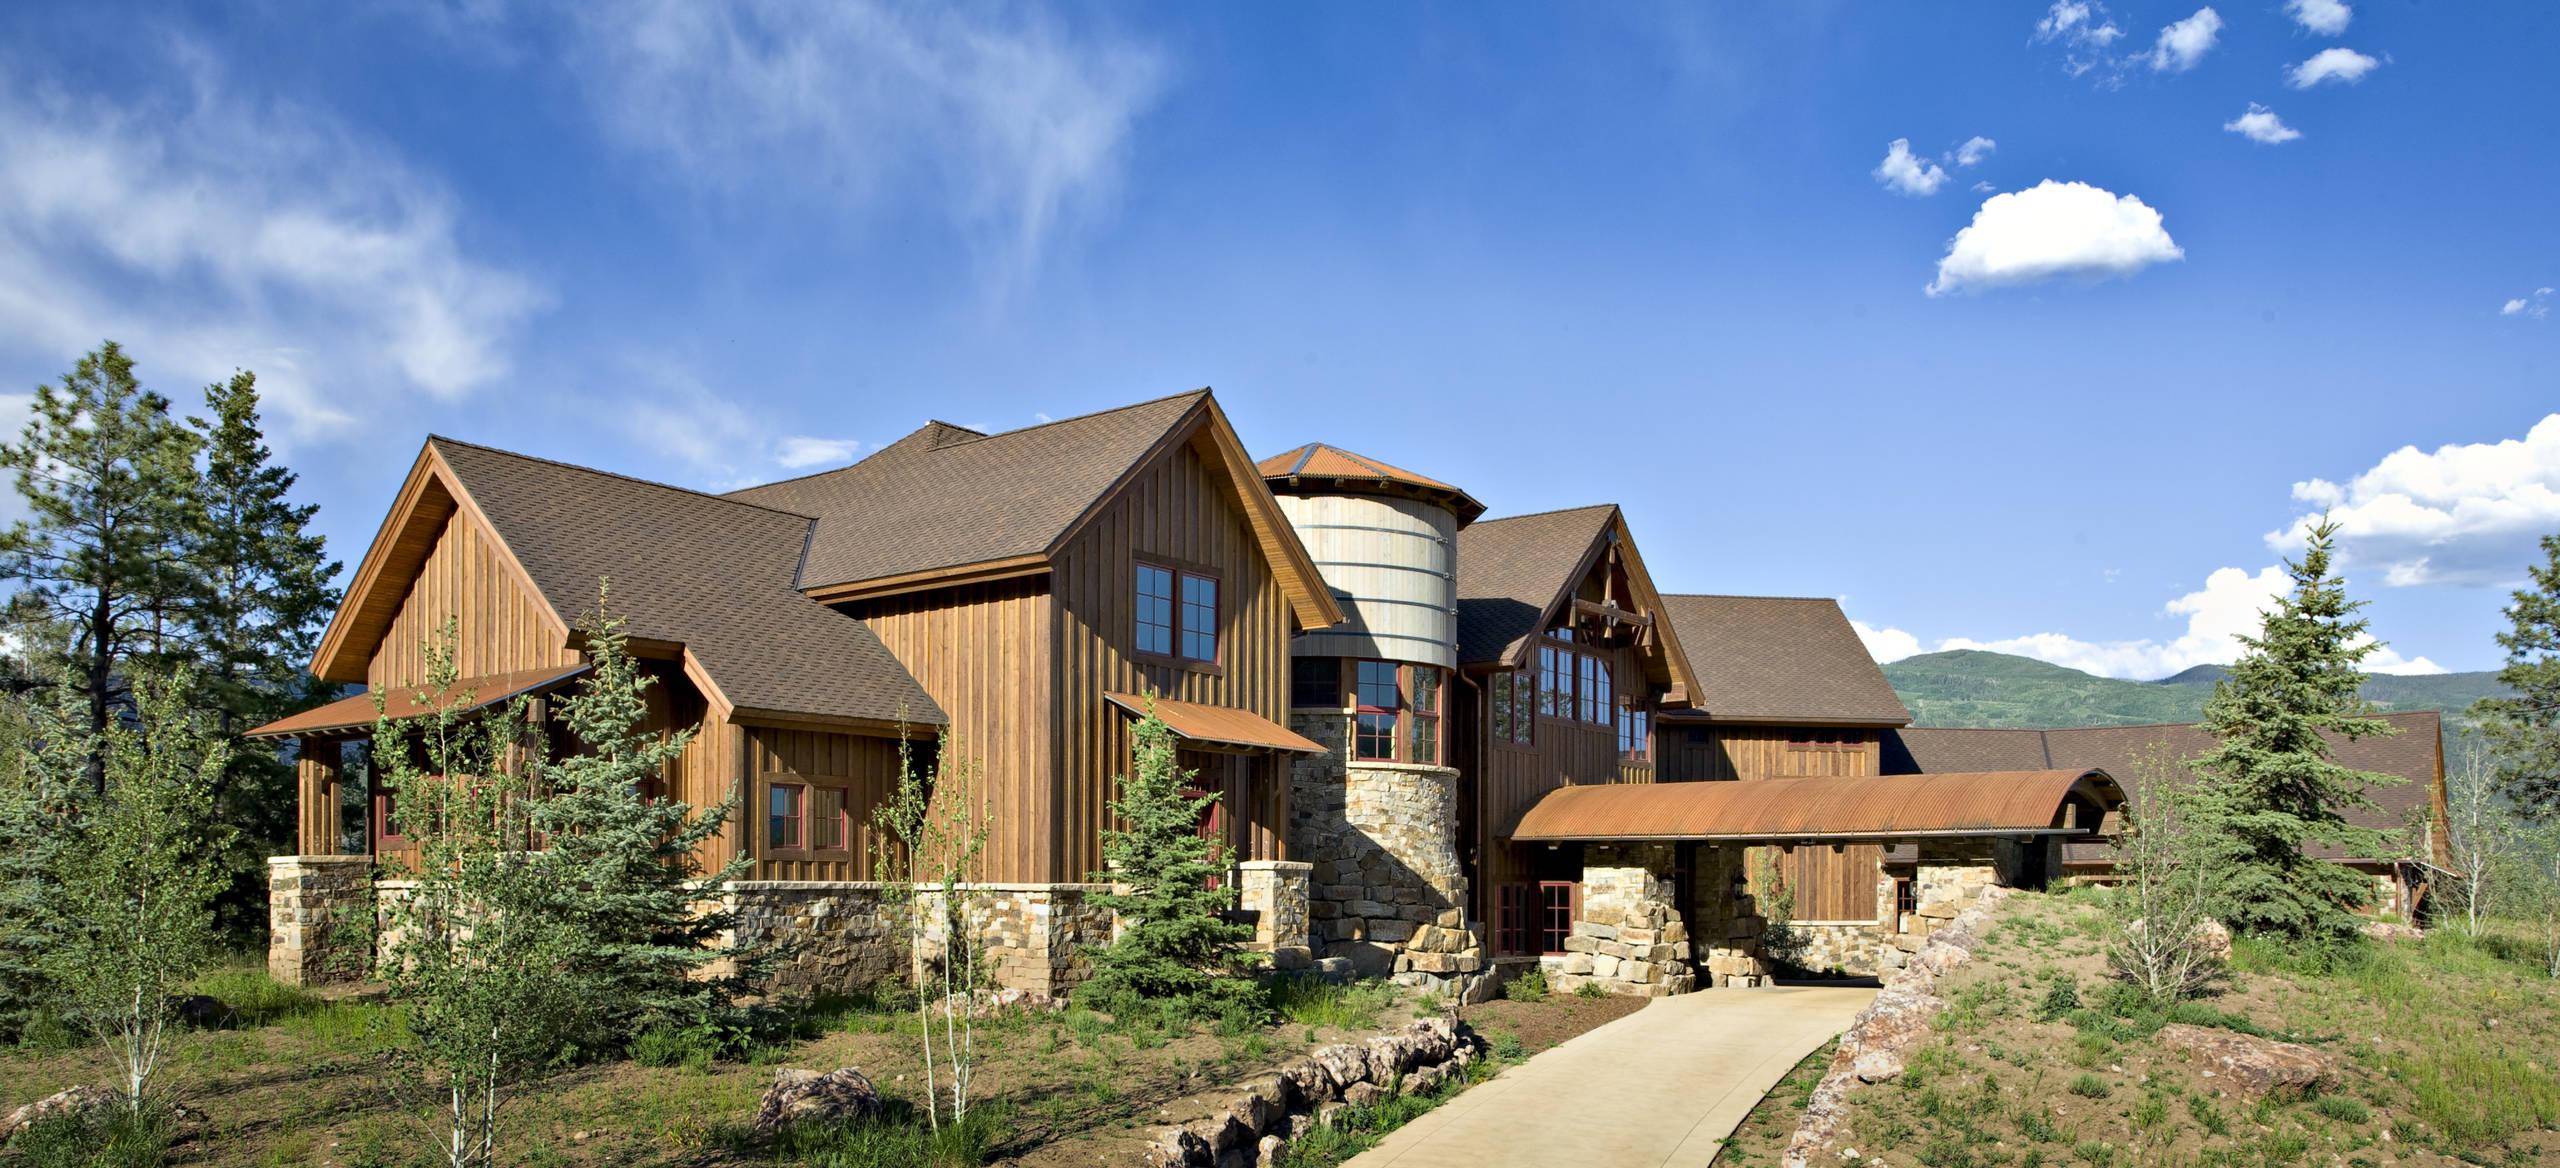 Certified Luxury Builders - Veritas Fine Homes Inc - Durango, CO - Glacier Club